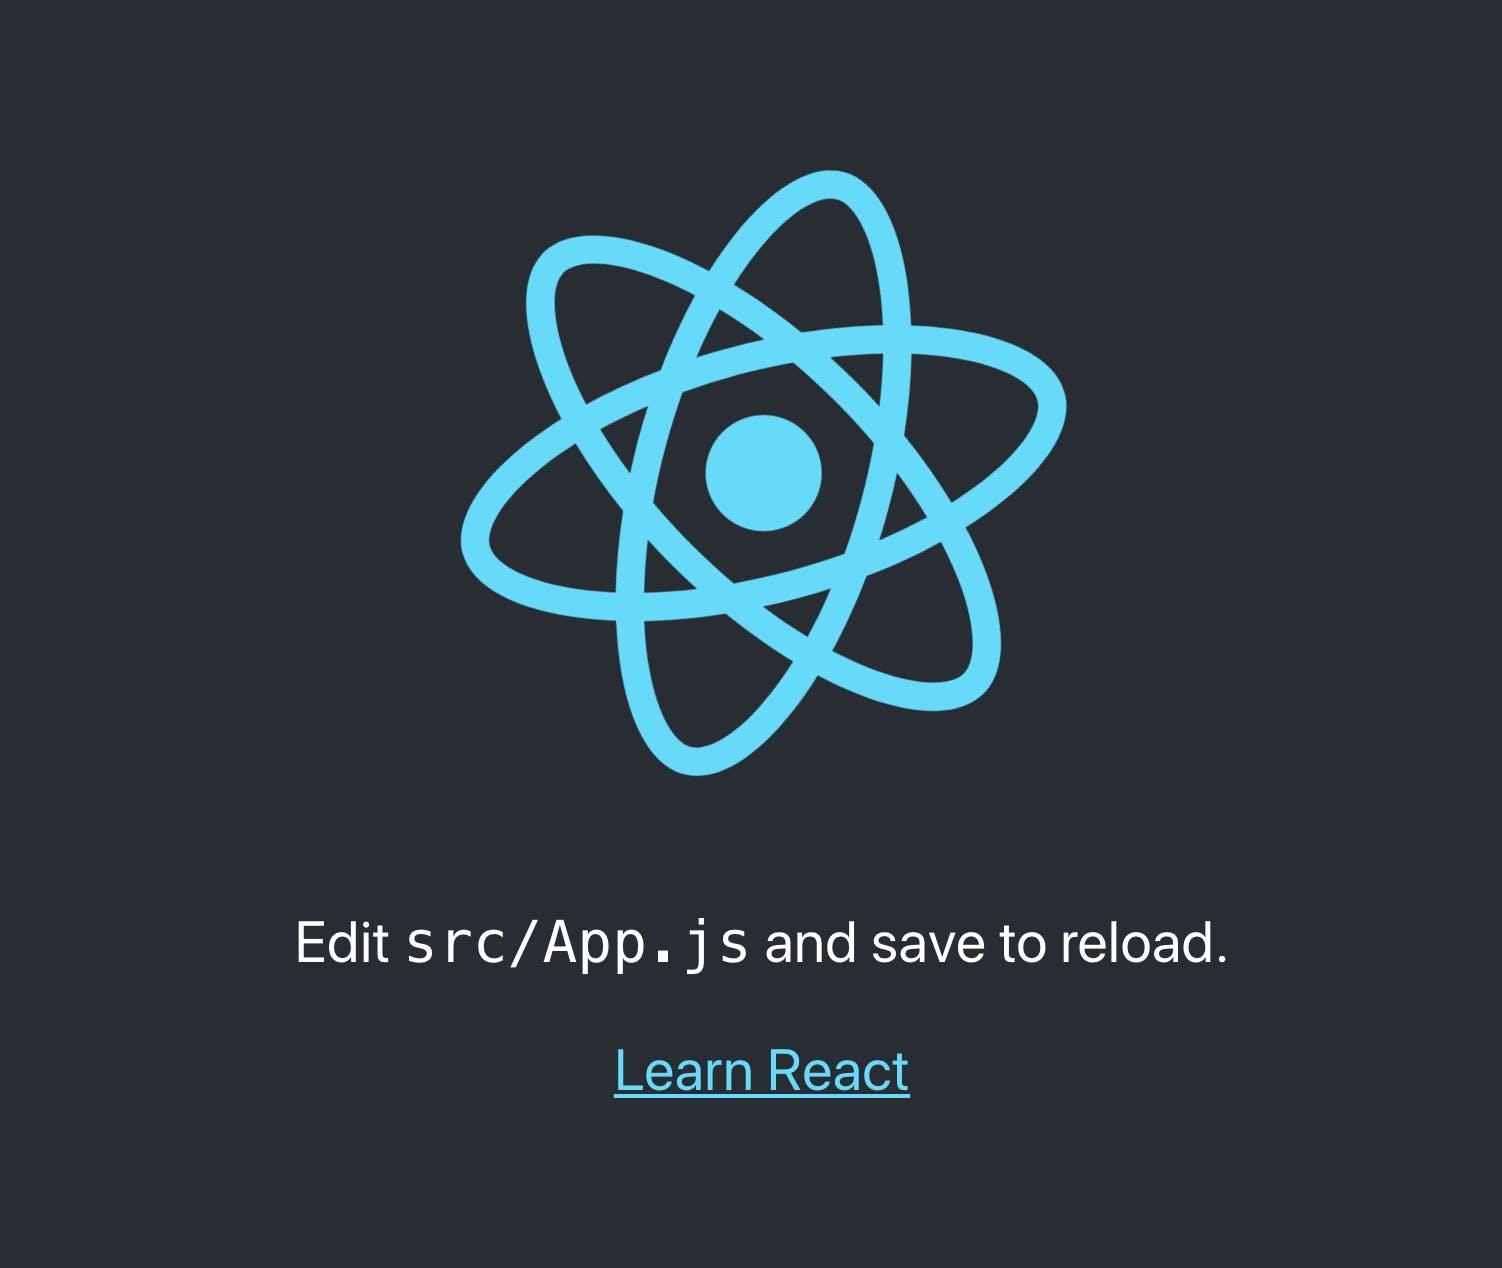 爆速】React+Amplify+AppSyncでリアルタイム掲示板アプリを15分で